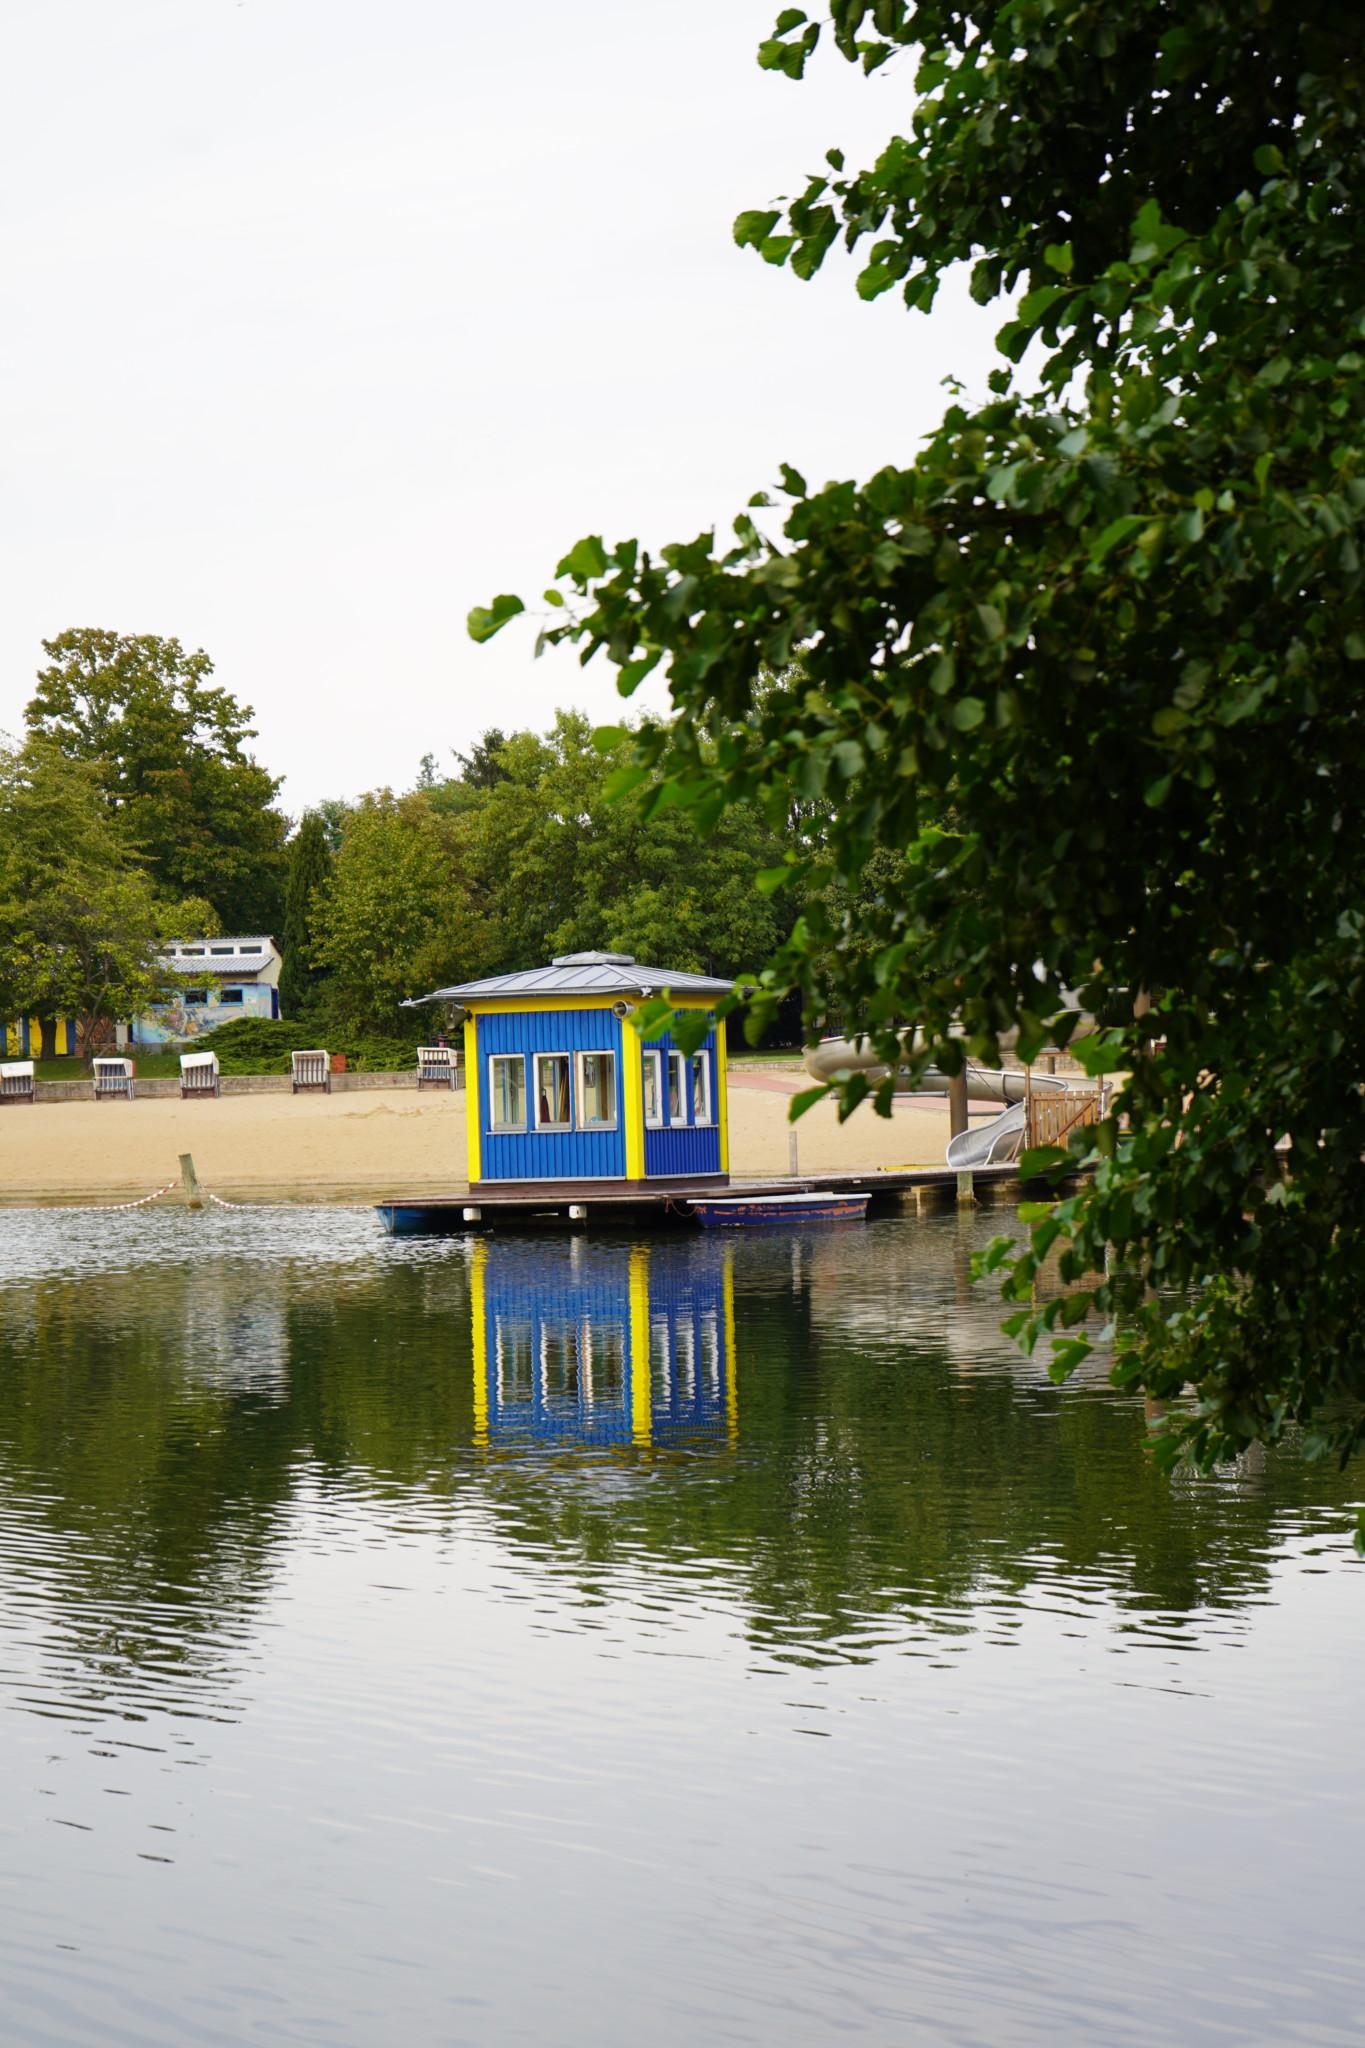 Orankesee in Berlin